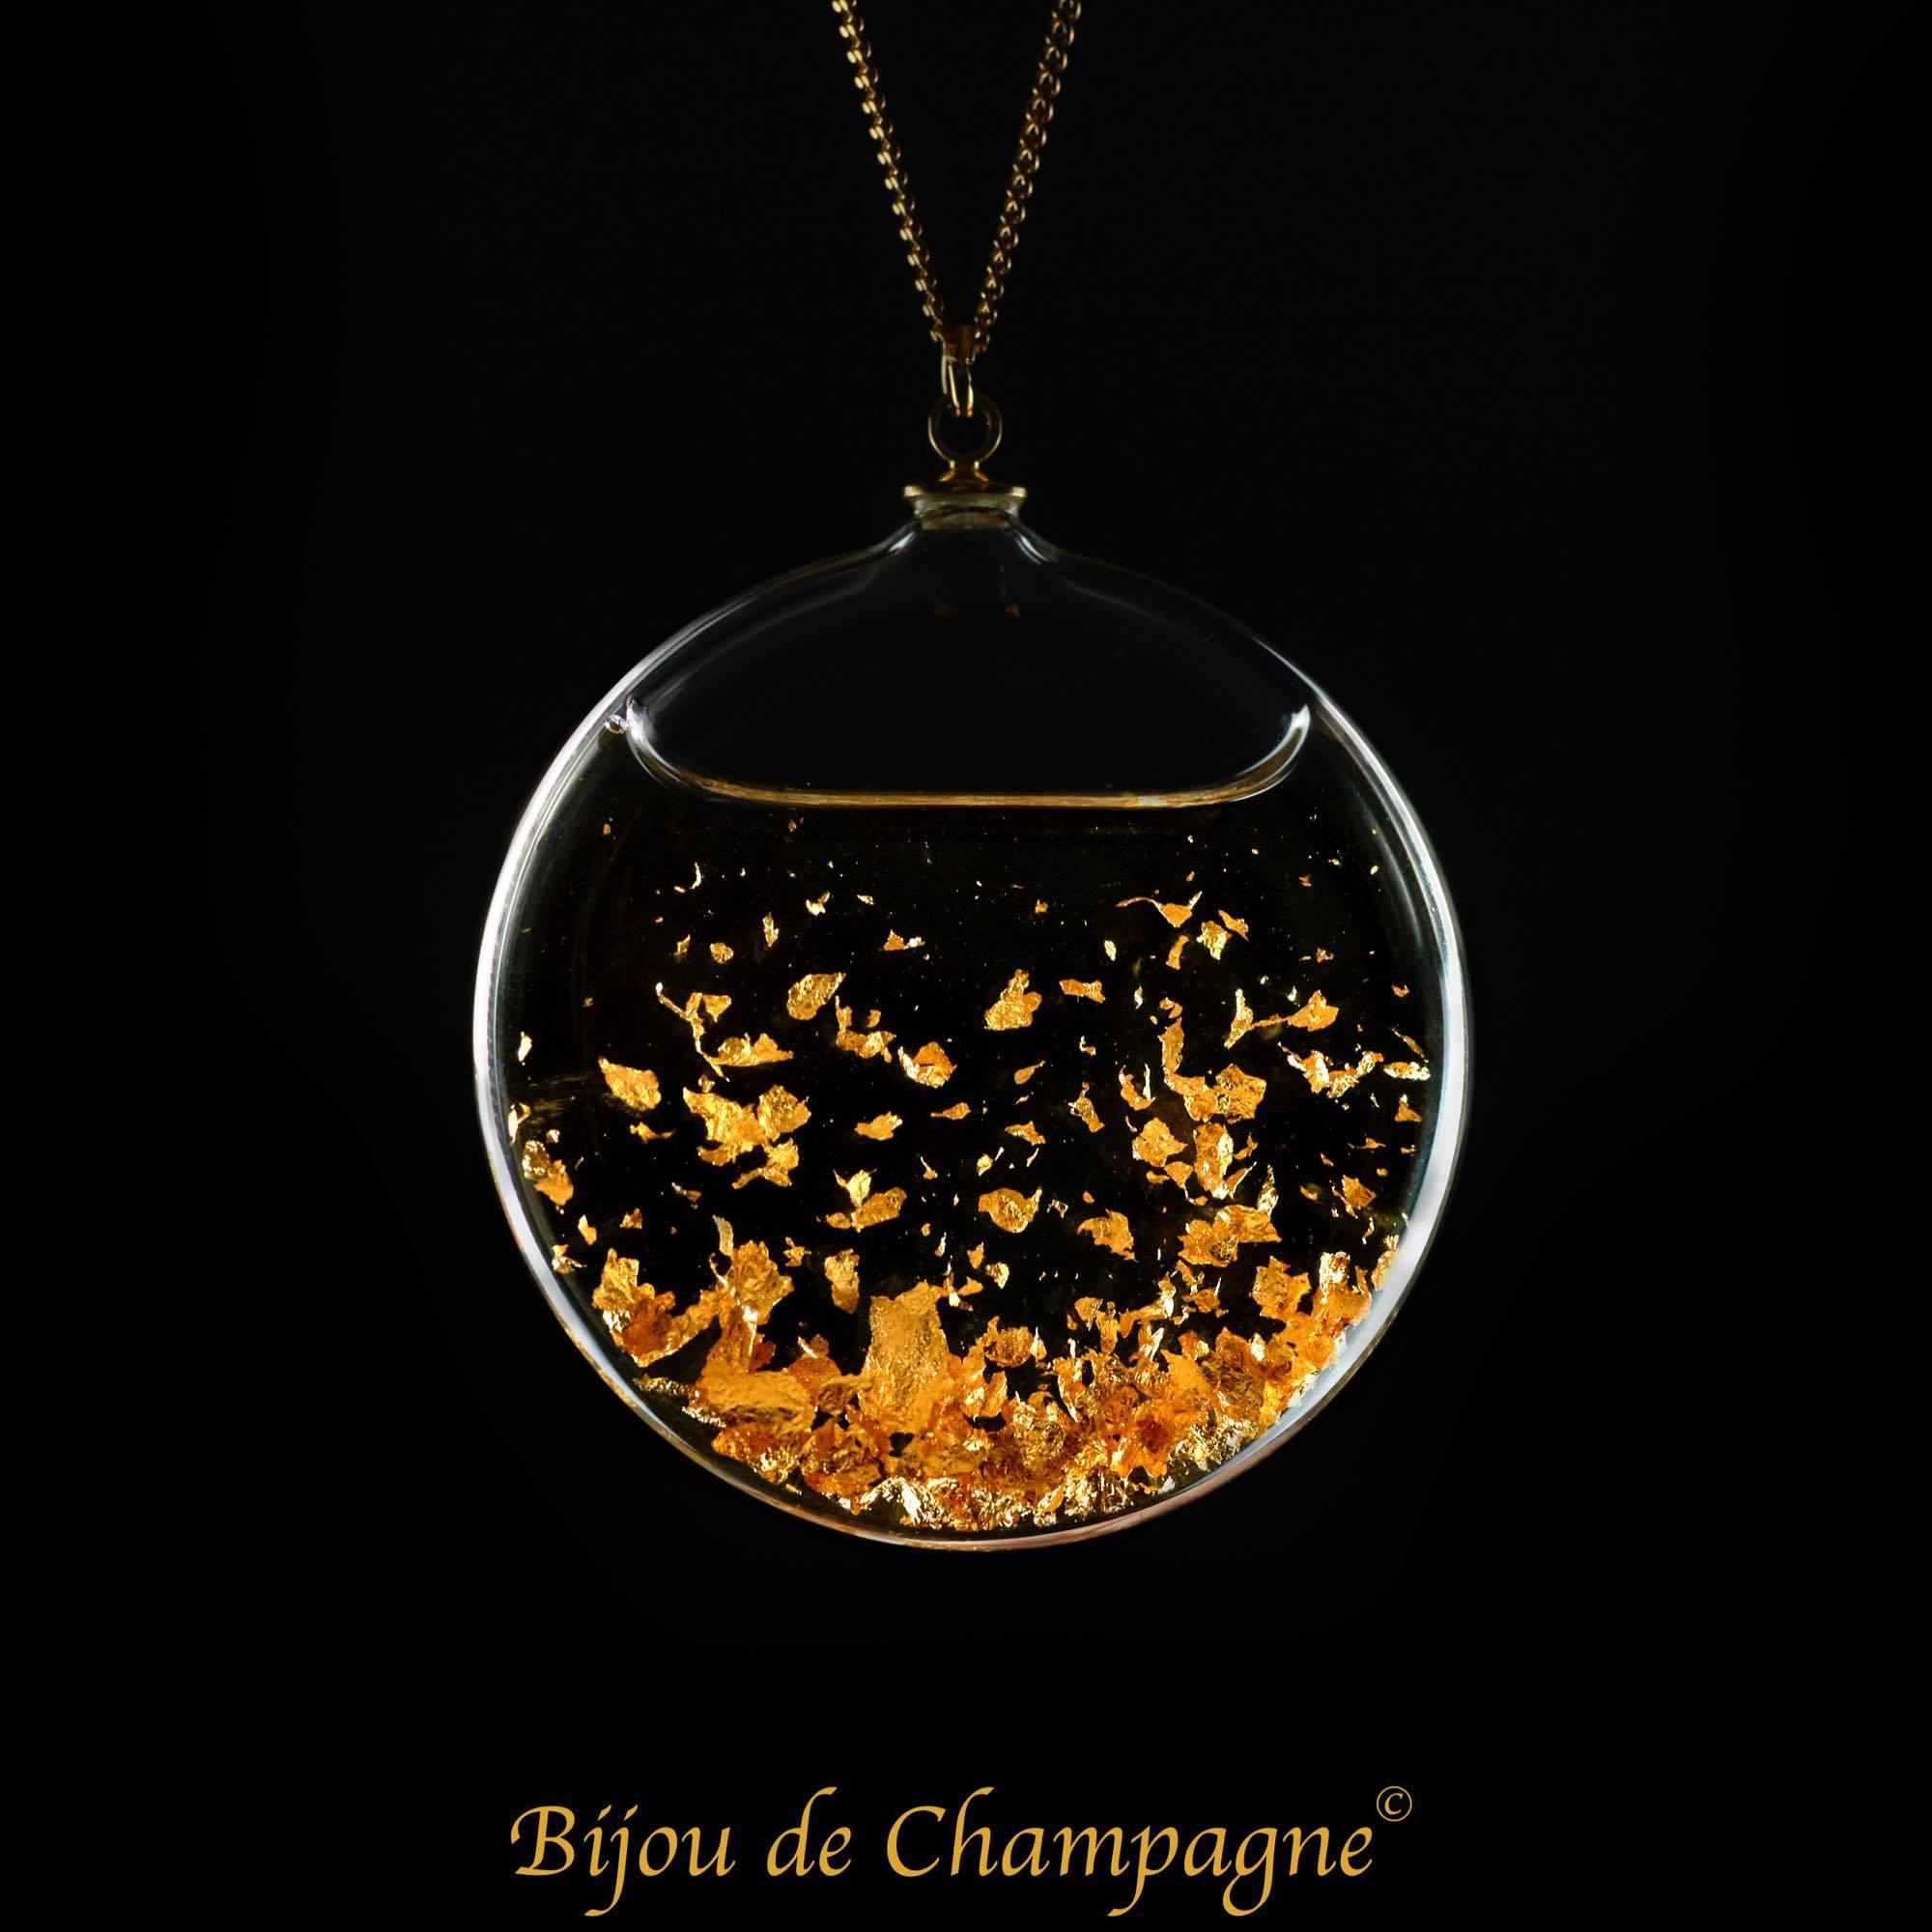 ビジュ・ドゥ・シャンパーニュ|「ビュル・ドゥ・シャンパーニュ」ガラスジュエリー(シャンパーニュの気泡)ペンダント|フランス製|アクセサリー